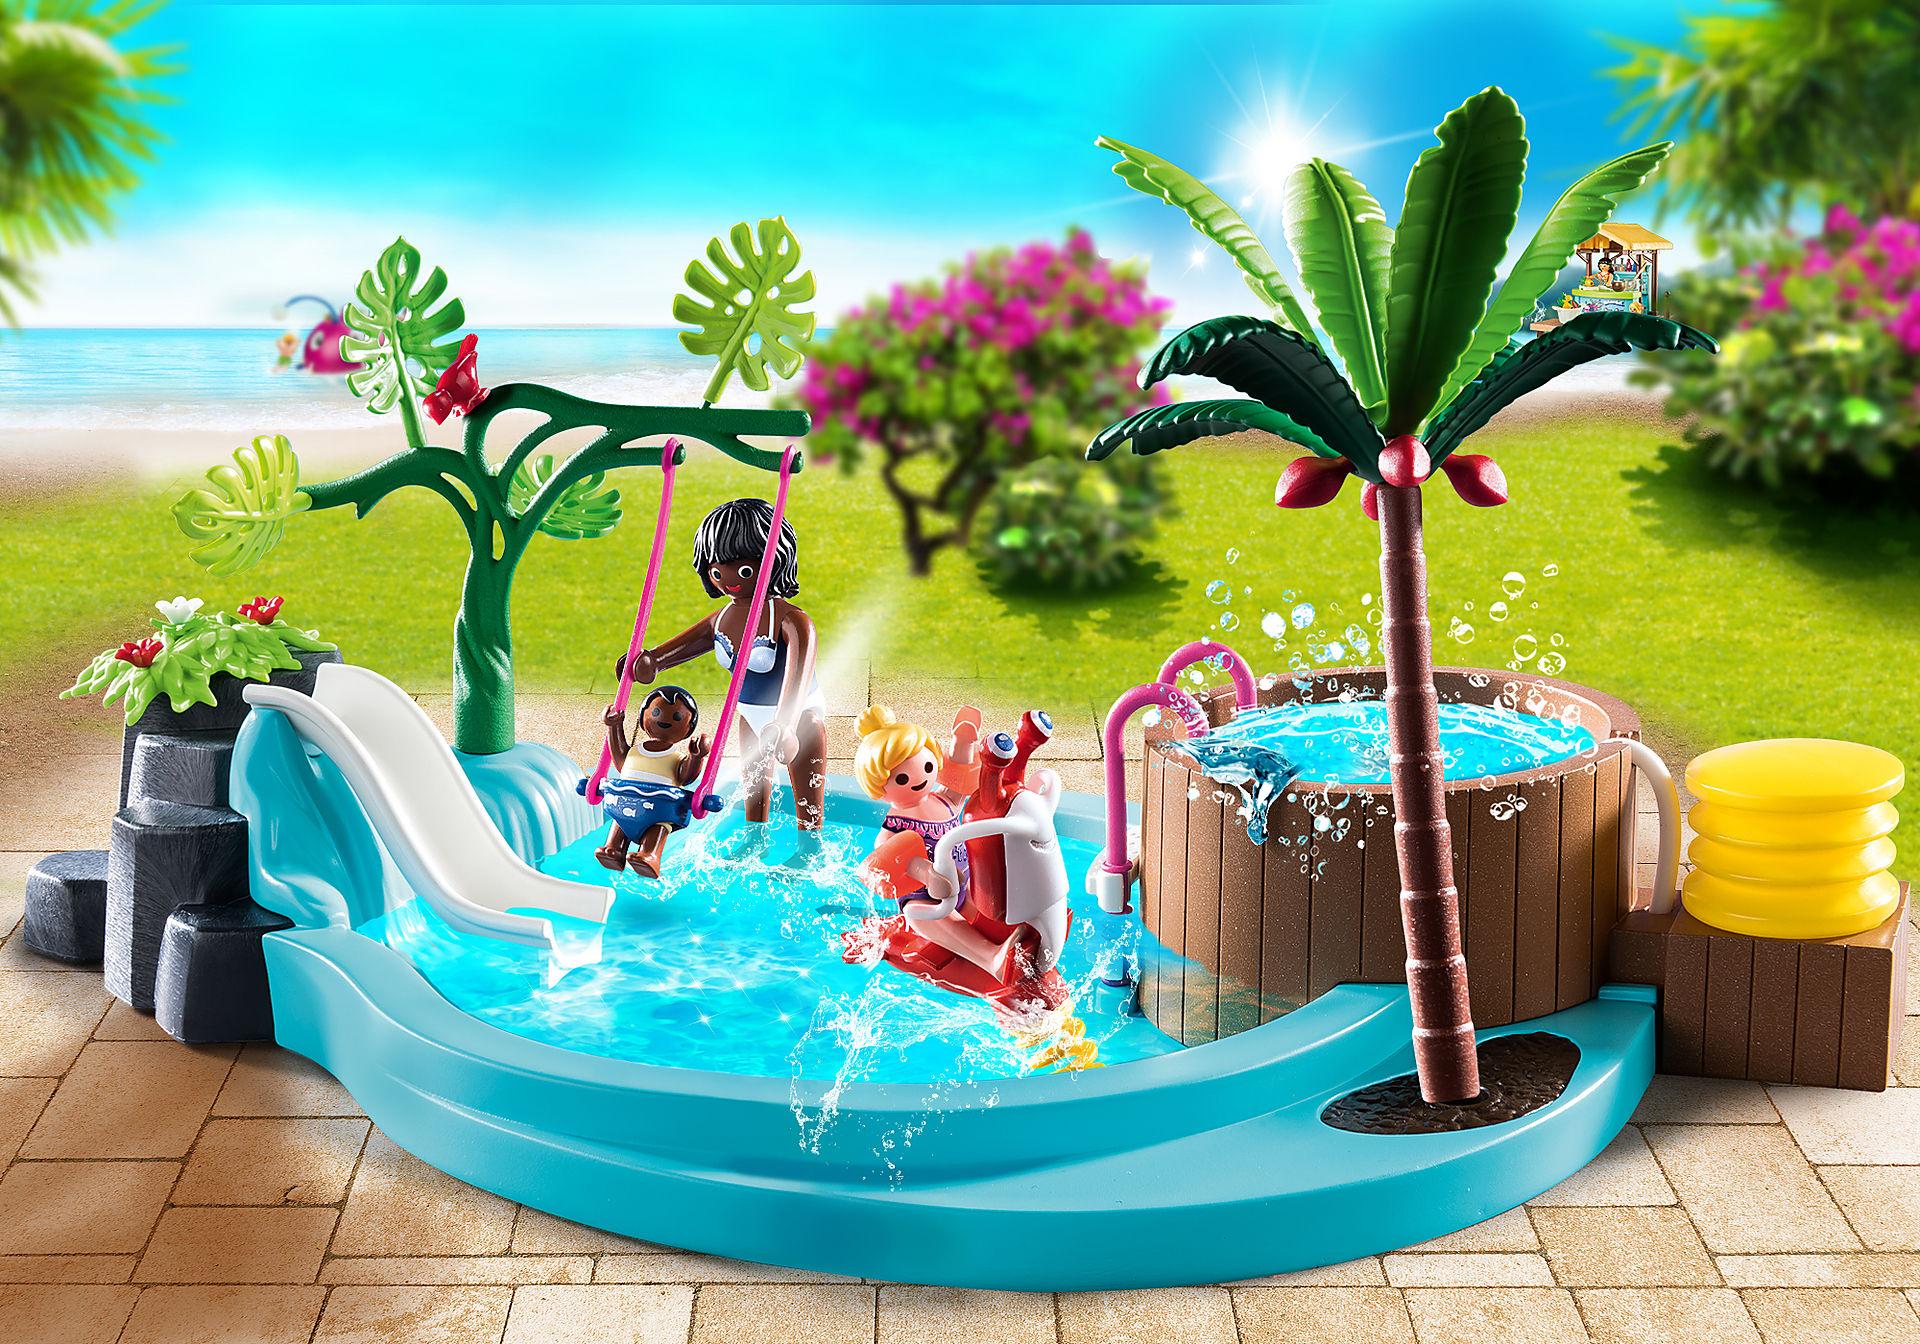 70611 Pataugeoire avec bain à bulles  zoom image1